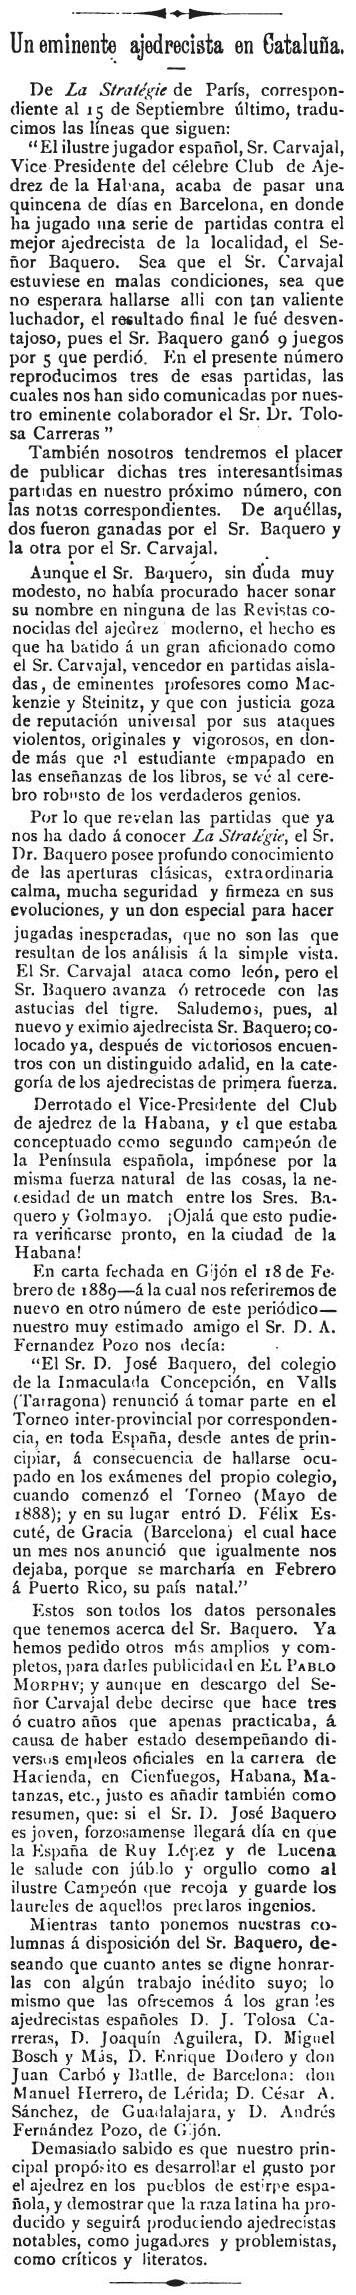 Recorte de El Pablo Morphy, 15/10/1891